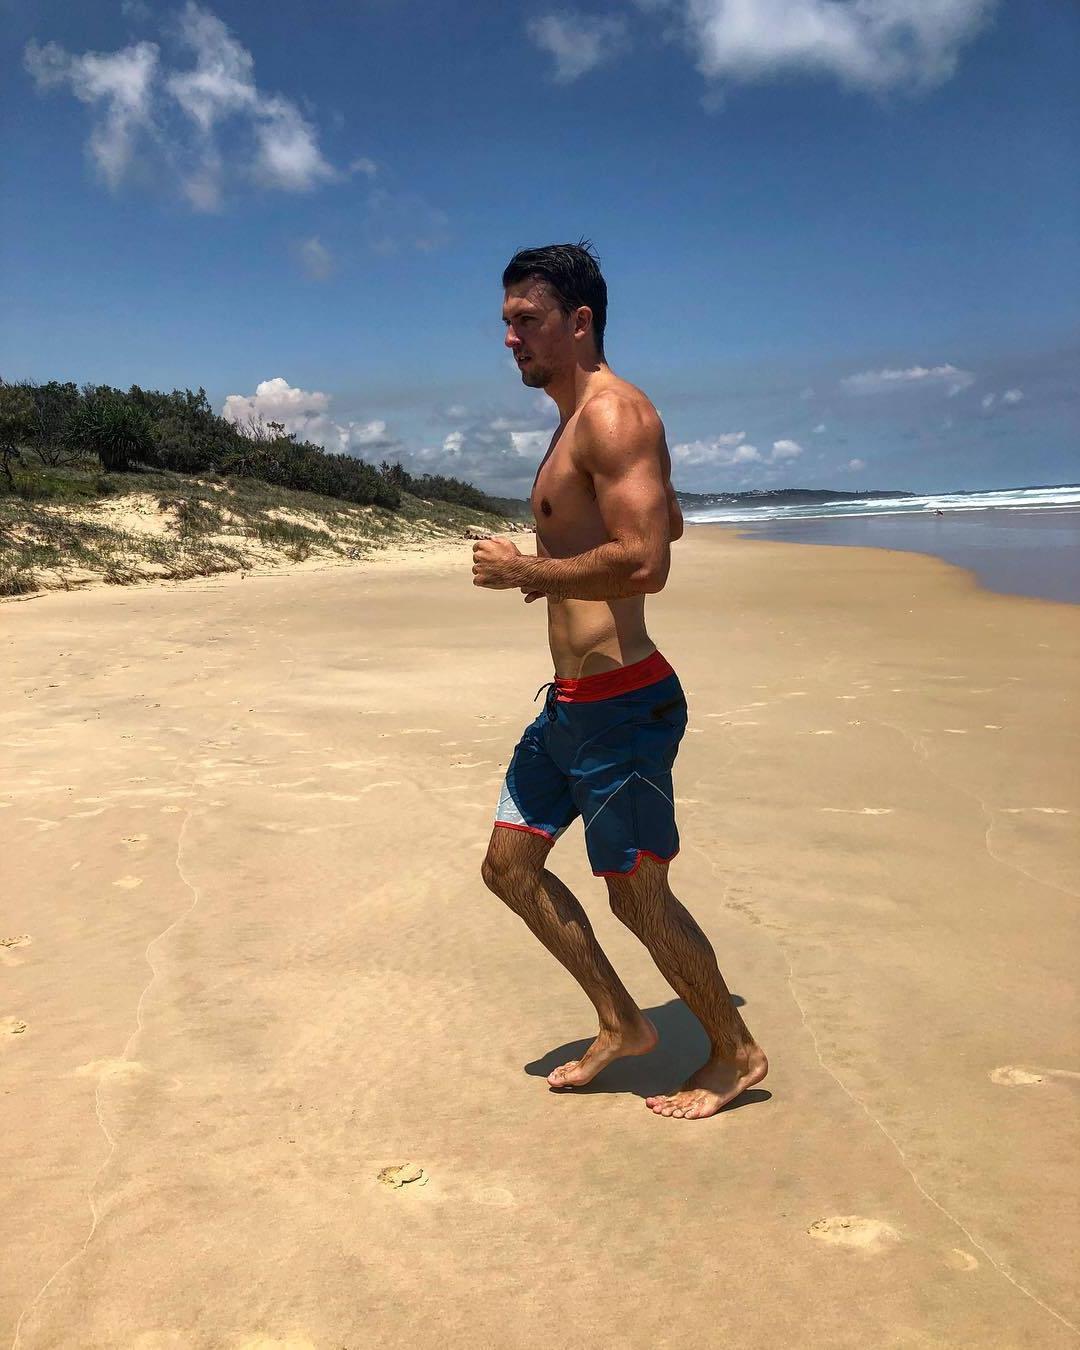 handsome-bare-chest-slim-fit-male-runner-beach-wet-hairy-legs